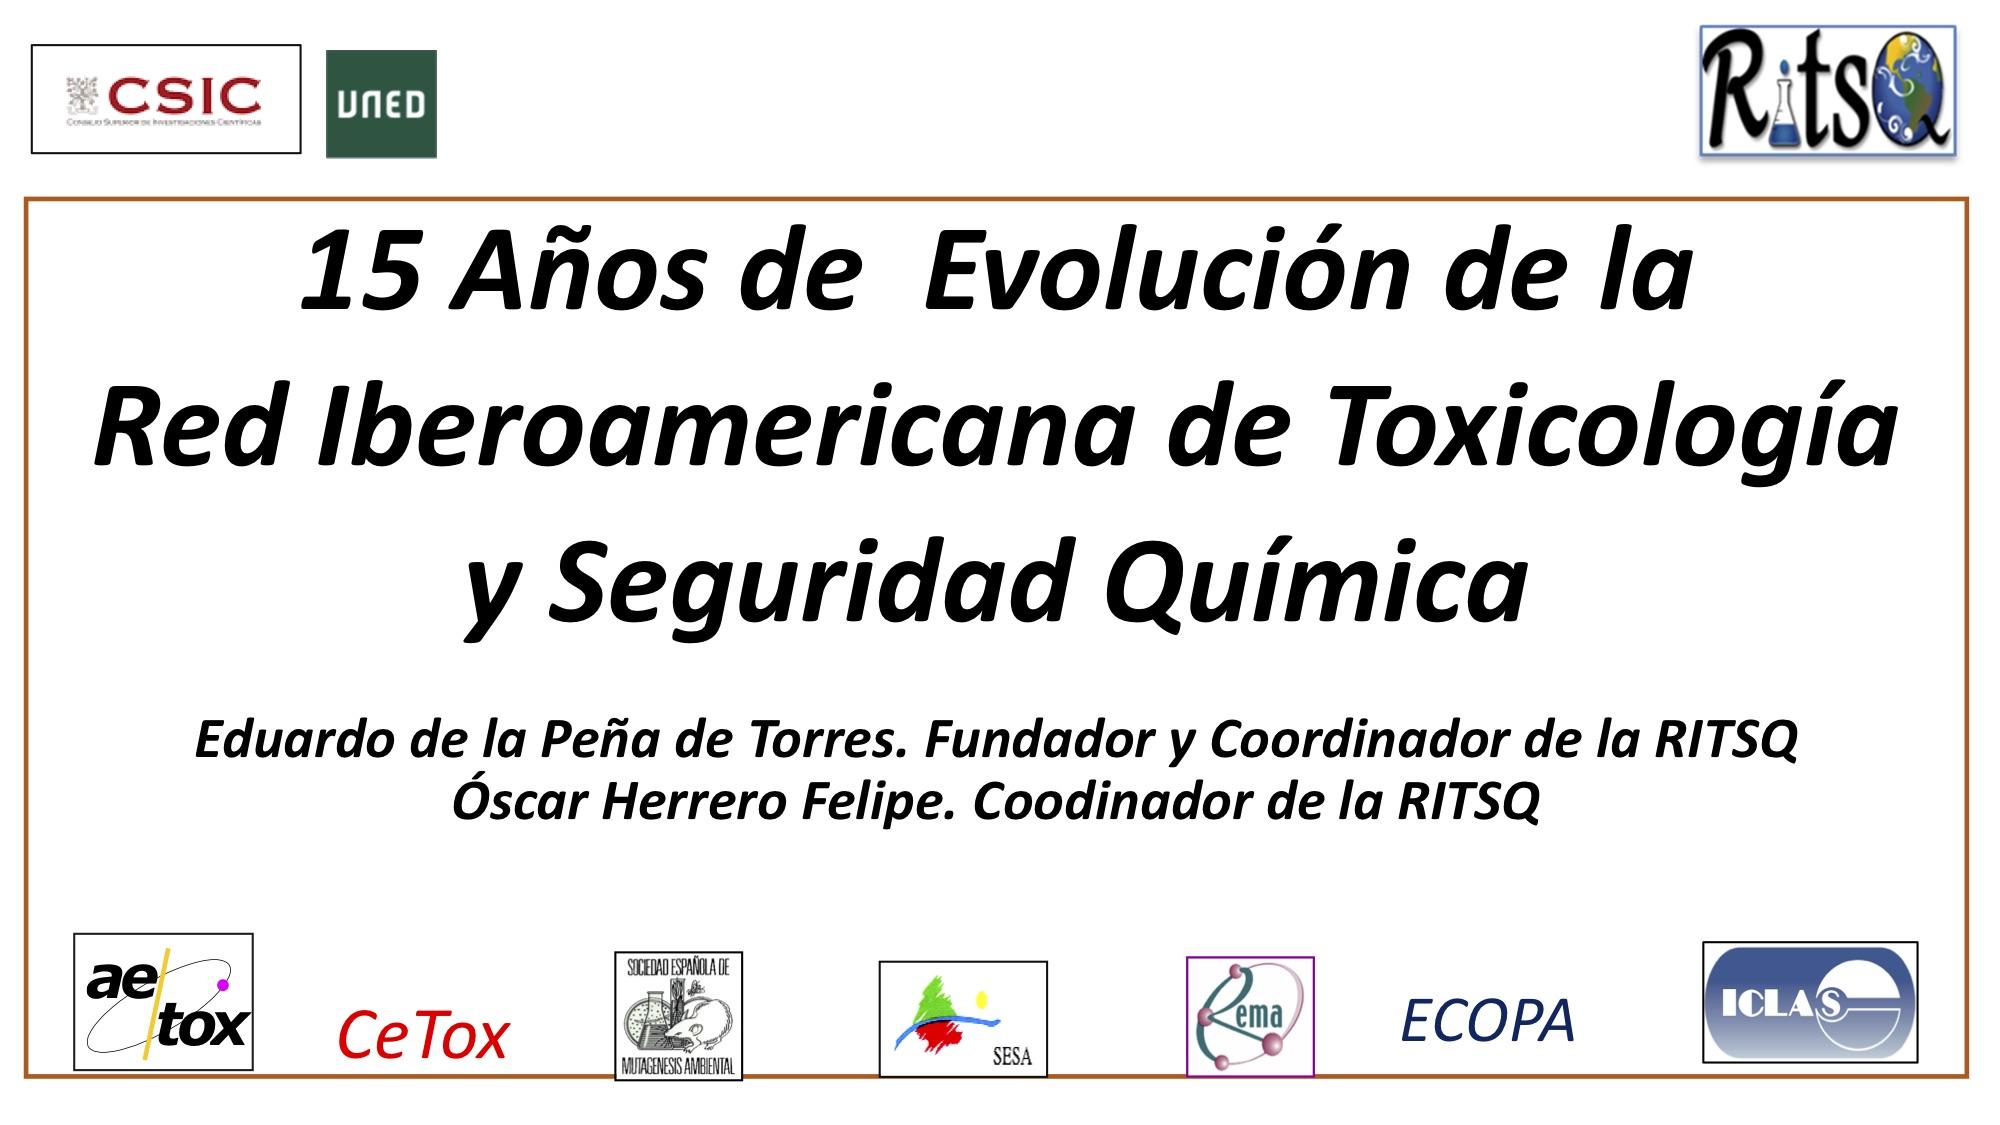 15 Años de Evolución de la Red Iberoamericana de Toxicología y Seguridad Química